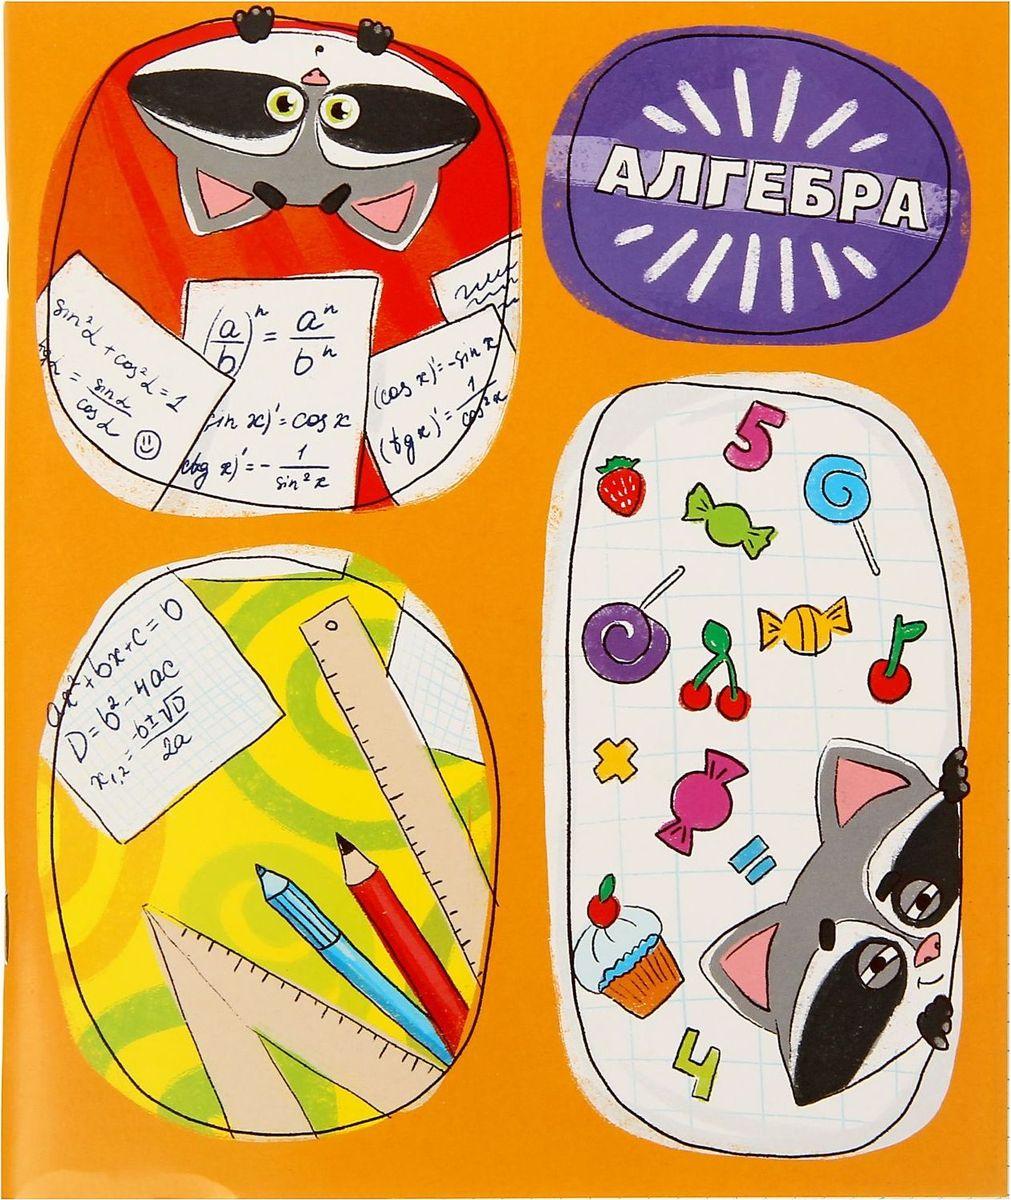 Тетрадь Алгебра 48 листов в клетку1375910Порой процесс обучения — трудный и скучный. Чтобы пробудить у детей интерес к науке, мы создали замечательные яркие предметные тетради. Забавные картинки и справочный материал подарят отличное настроение. Учитесь с удовольствием и делайте свои удивительные открытия!